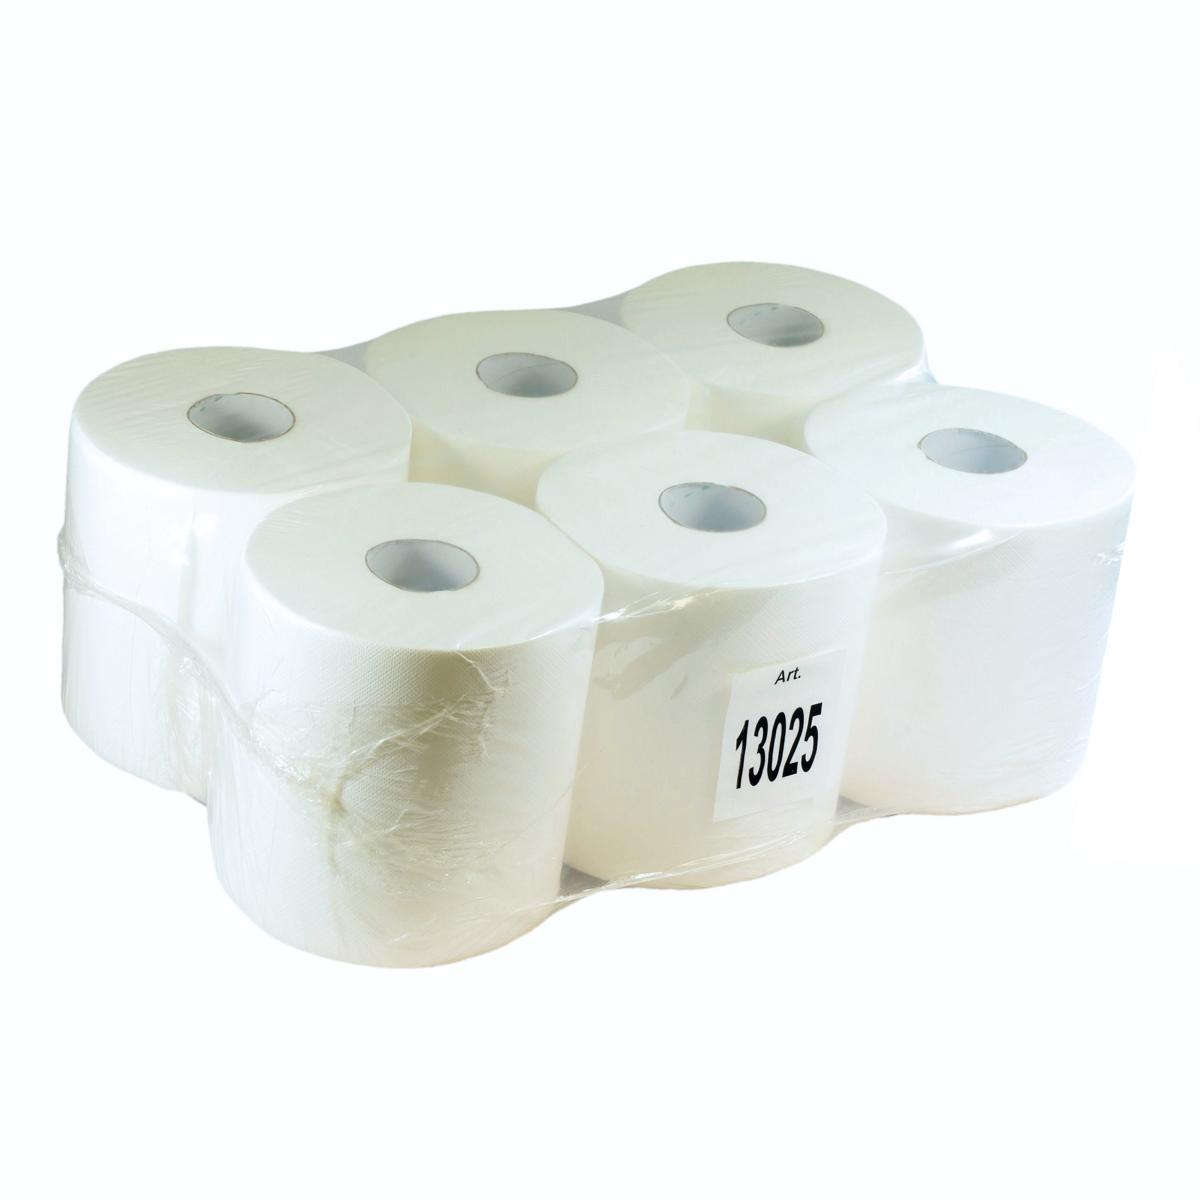 Papierhandtücher Rollenhandtücher Innenabrollung 2-lagig, Zellulose weiß, 153 m, ACTION 450 | 6 Rollen _ passend für Spender 72216